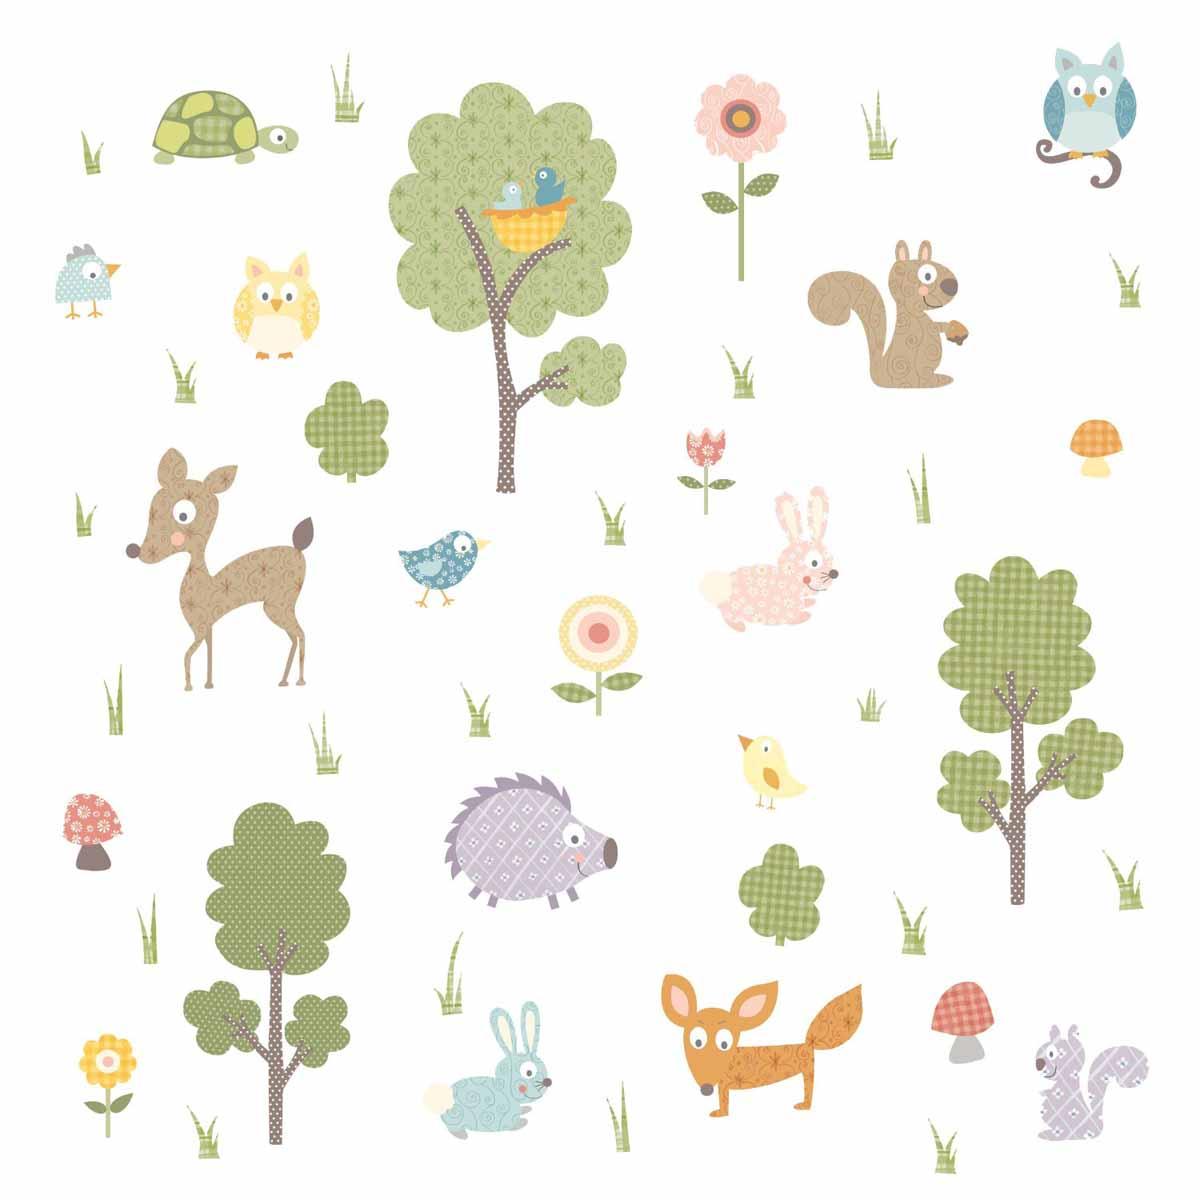 RoomMates Наклейка интерьерная Лесные звери 89 штTEMP-04Наклейки для декора RoomMates Лесные жители обязательно станут украшением вашей квартиры.Природа никогда не была такой веселой! Привнесите цвет и яркость в комнату с помощью нового увлекательного набора наклеек для декора! Каждый лист наклеек, входящих в комплект, содержит изображения дружелюбных белочек, веселых кроликов, любопытного оленя, а также птичек, цветов, деревьев и многого другого!Всего в наборе 89 стикеров. Наклейки не нужно вырезать - их следует просто отсоединить от защитного слоя и поместить на стену или любую другую плоскую гладкую поверхность. Наклейки многоразовые: их легко переклеивать и снимать со стены, они не оставляют липких следов на поверхности. В каждой индивидуальной упаковке вы можете найти 4 листа с различными наклейками.